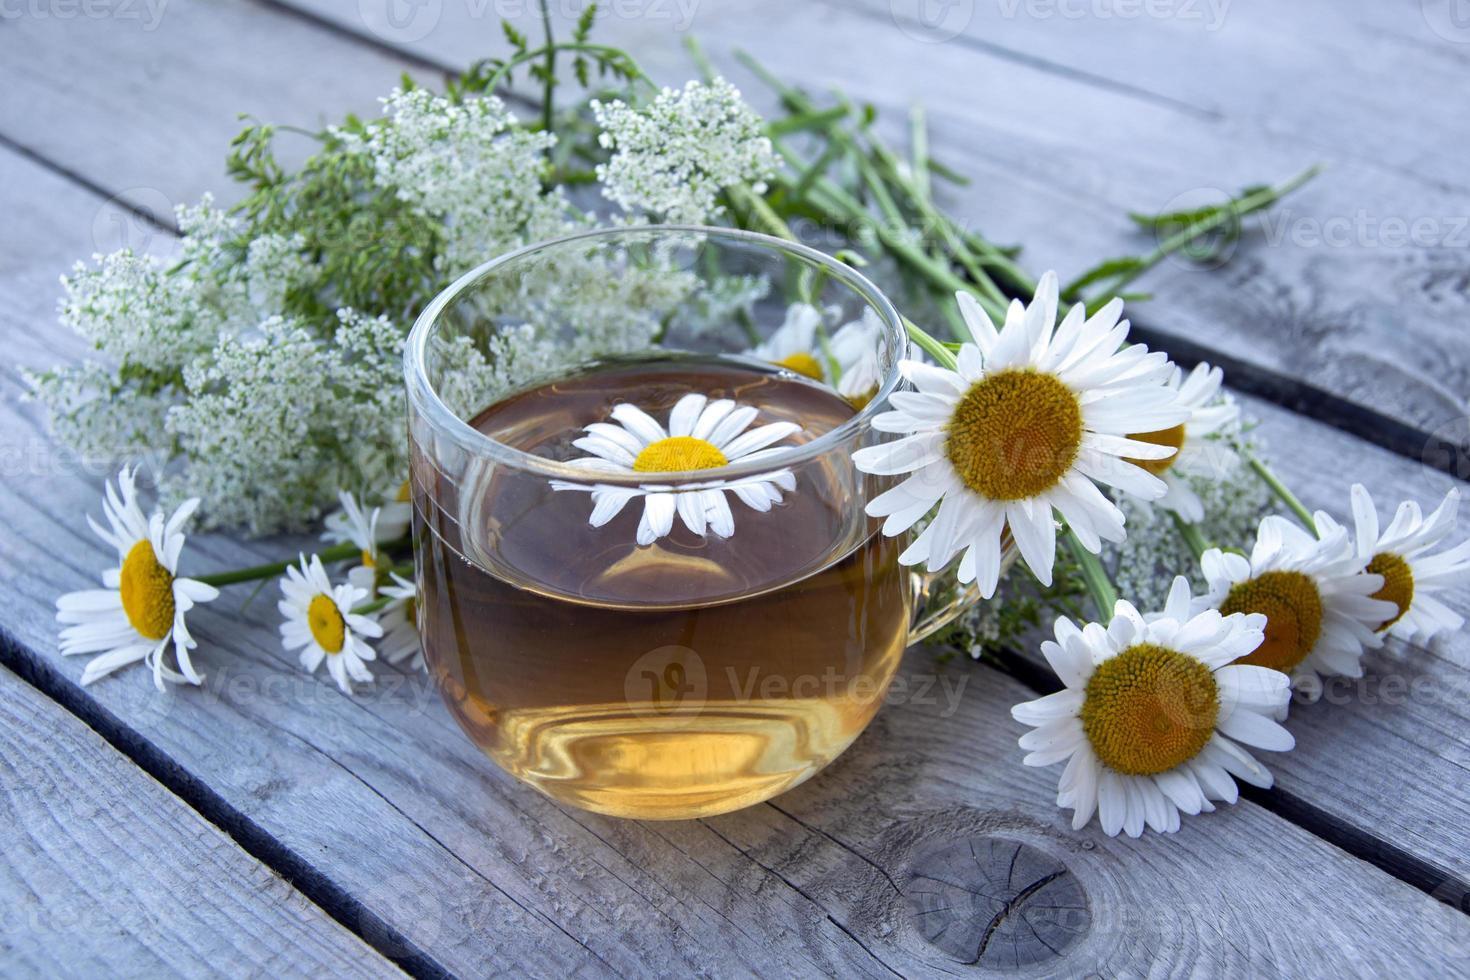 té de camomila. Bodegón de verano con flores silvestres y bebida de manzanilla. foto